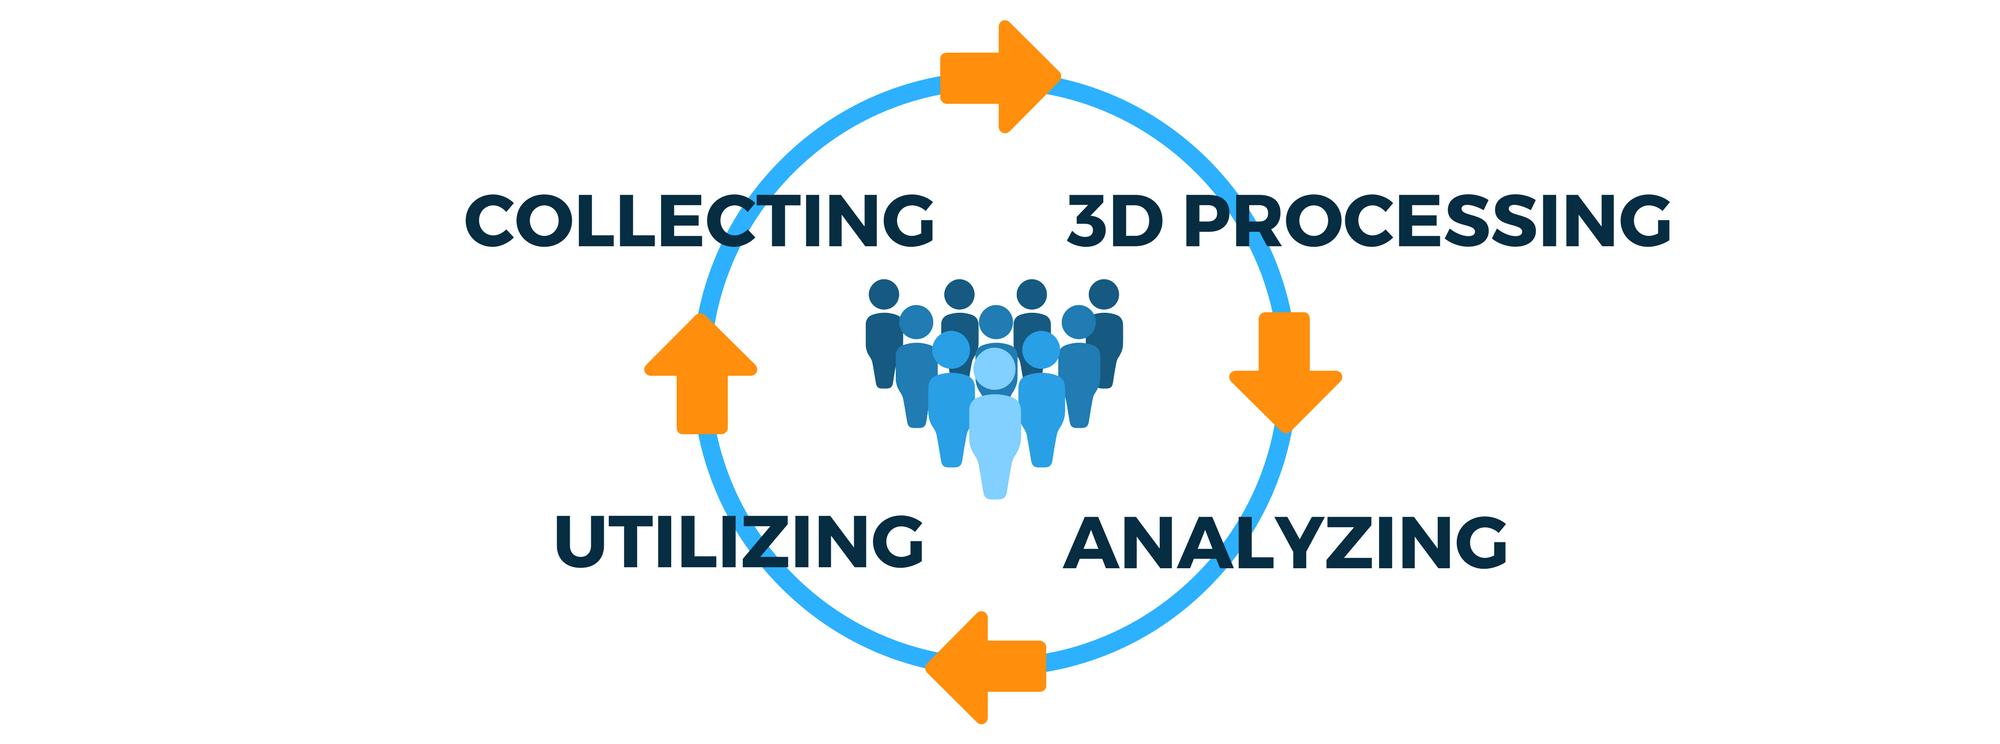 Our process offering unique value